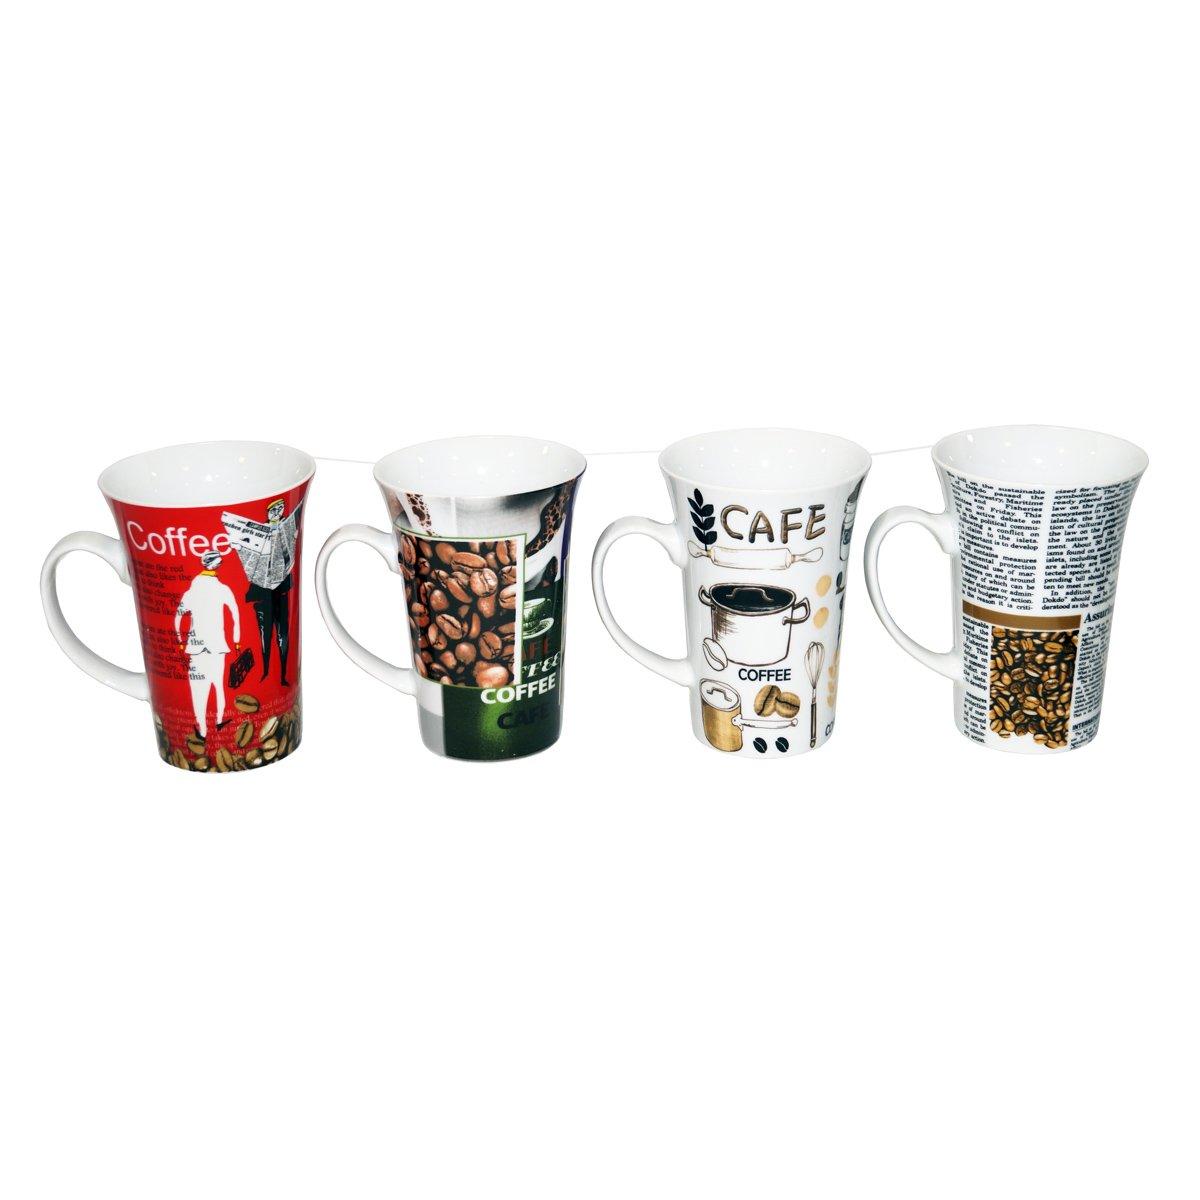 Juego 4 tazas de porcelana 2415 1355 sears com mx me for Tazas de porcelana